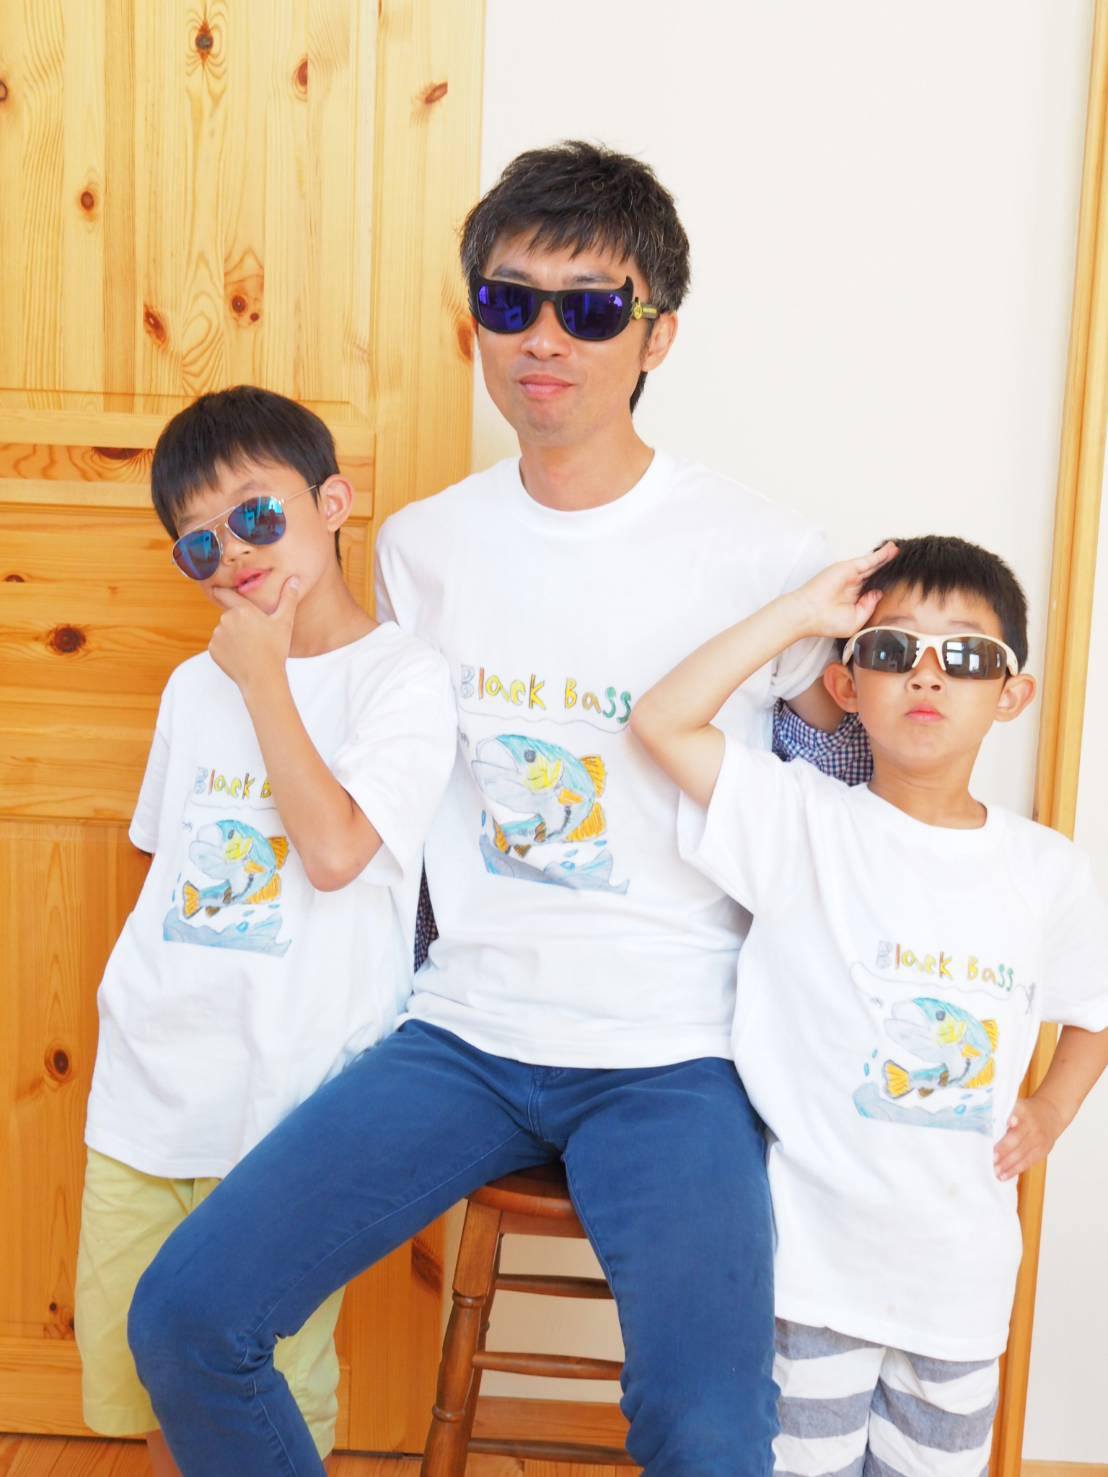 30代・男性・仮面ライダーひじきさんのオリジナルプリント作成事例丨オリジナルTシャツTMIX